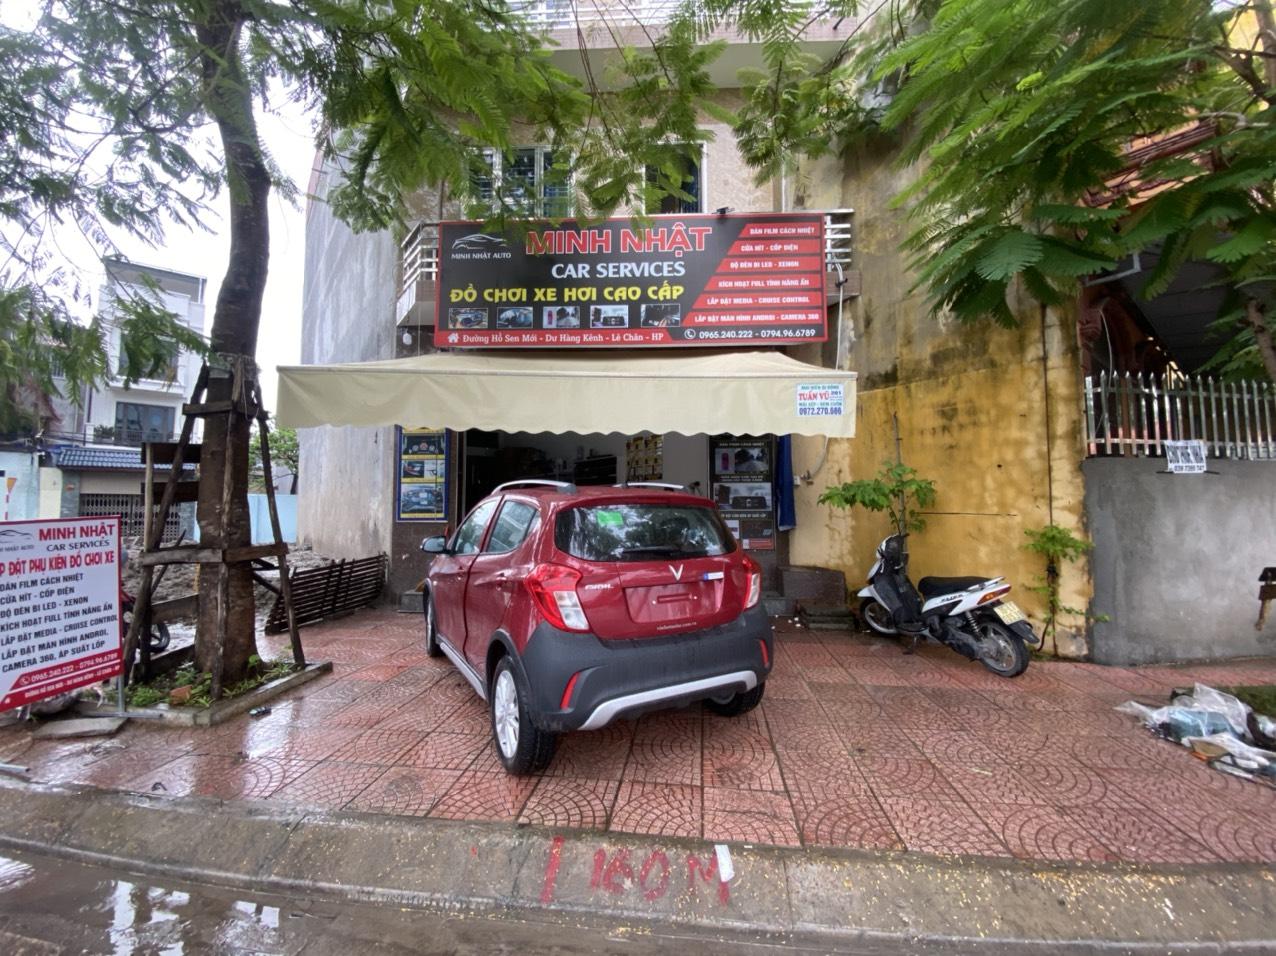 Nội thất ô tô Minh Nhật